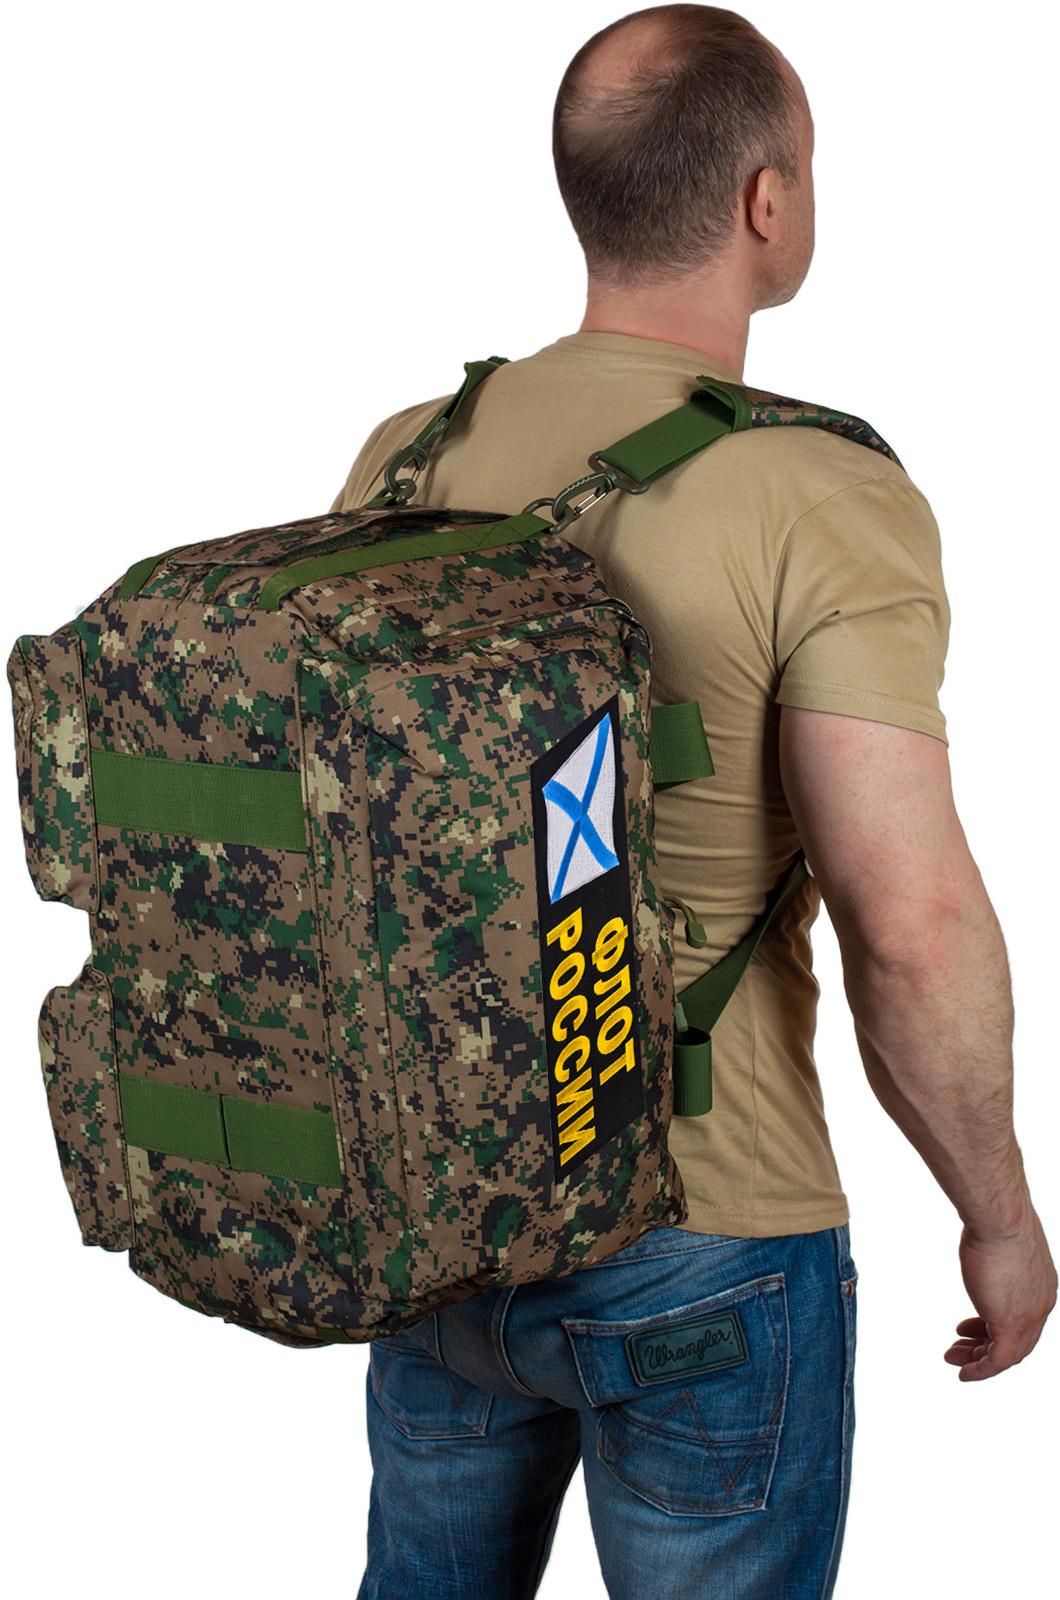 Купить армейскую заплечную сумку Флот России с доставкой или самовывозом